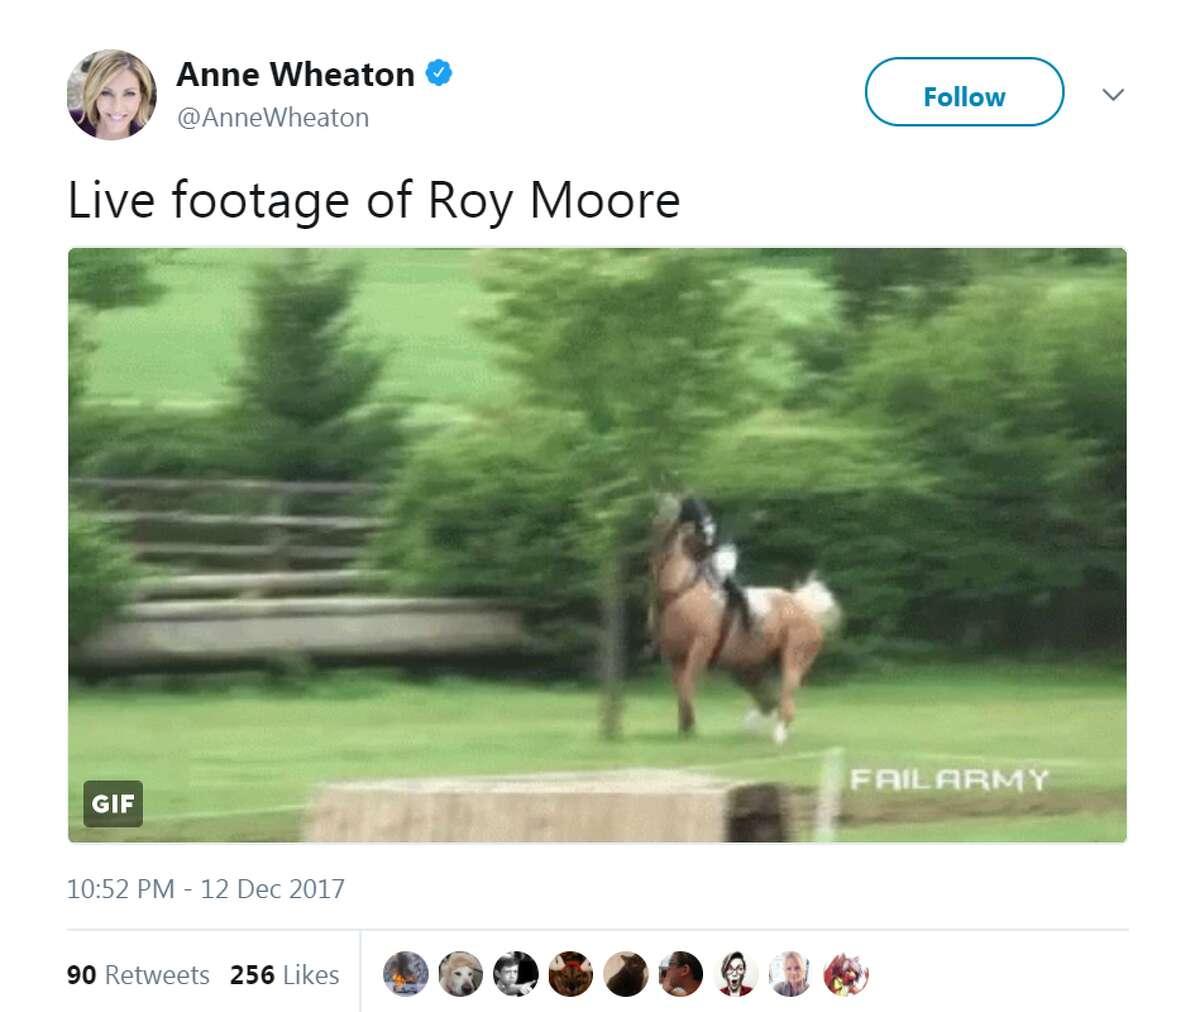 @AnneWheaton